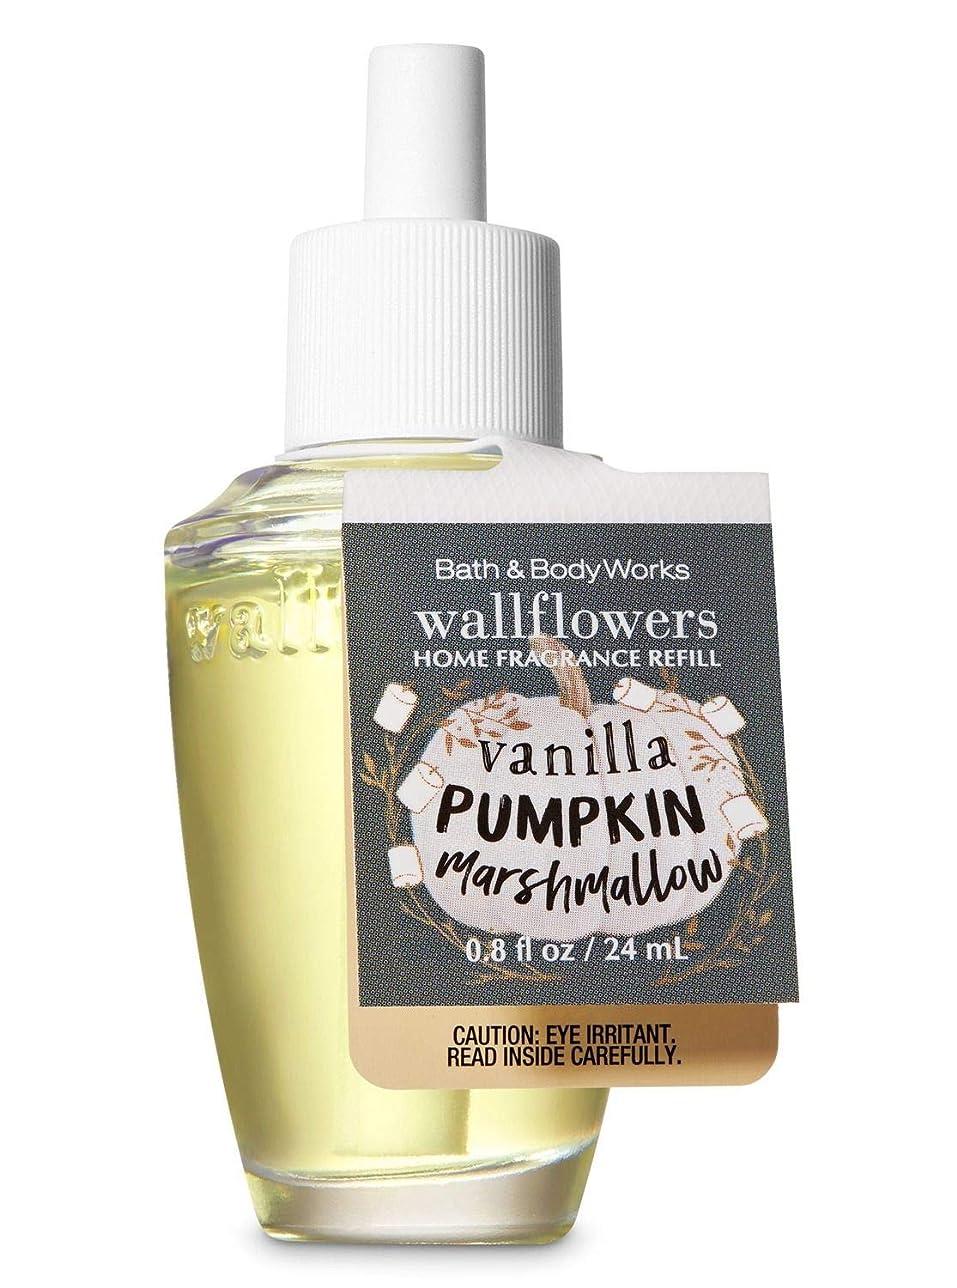 驚いたことに選択する米ドル【Bath&Body Works/バス&ボディワークス】 ルームフレグランス 詰替えリフィル バニラパンプキンマシュマロ Wallflowers Home Fragrance Refill Vanilla Pumpkin Marshmallow [並行輸入品]